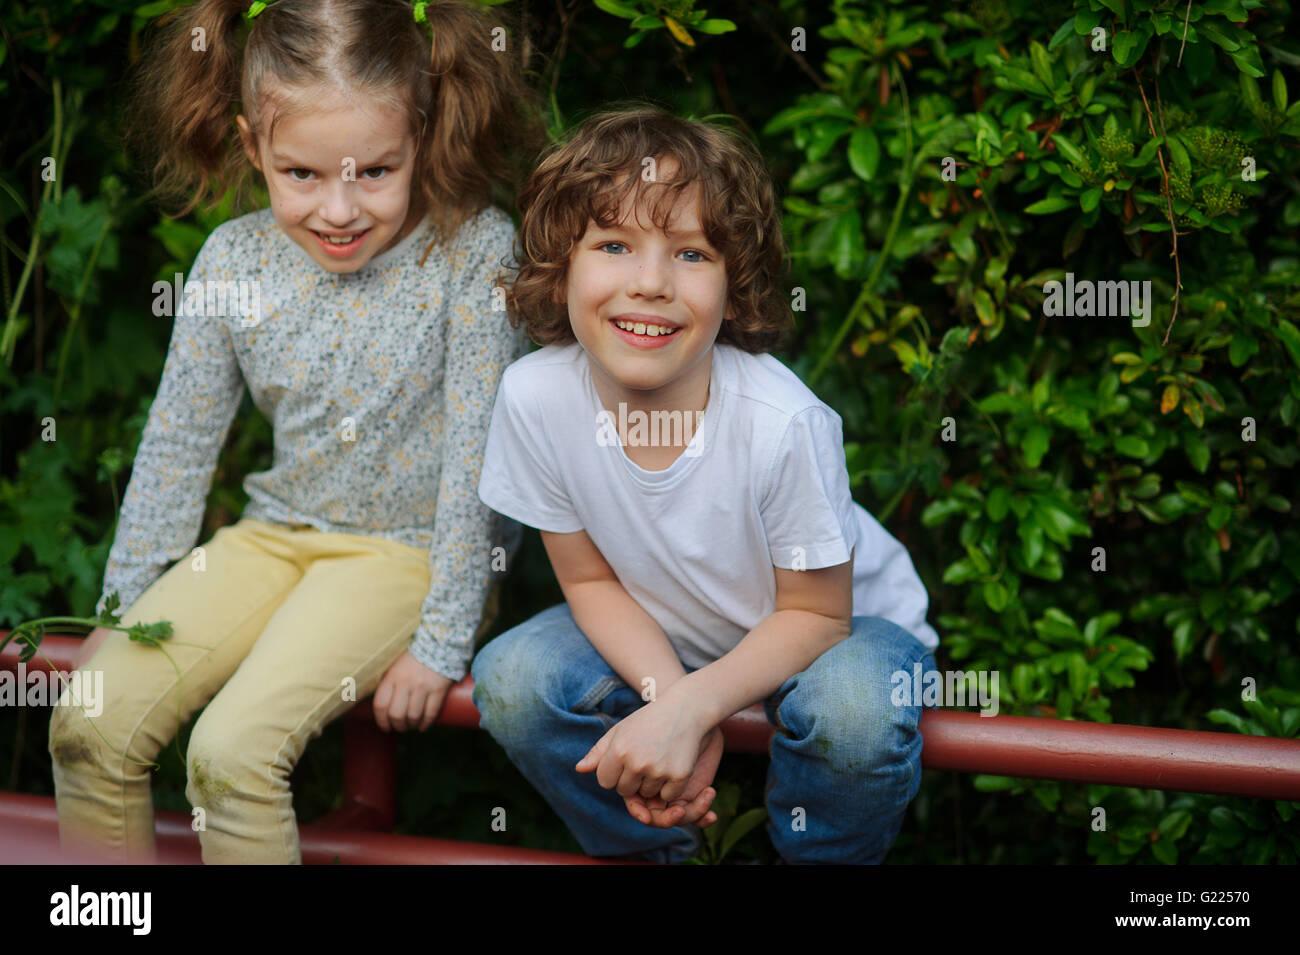 Garçon et fille assise sur la clôture près du green bush Photo Stock